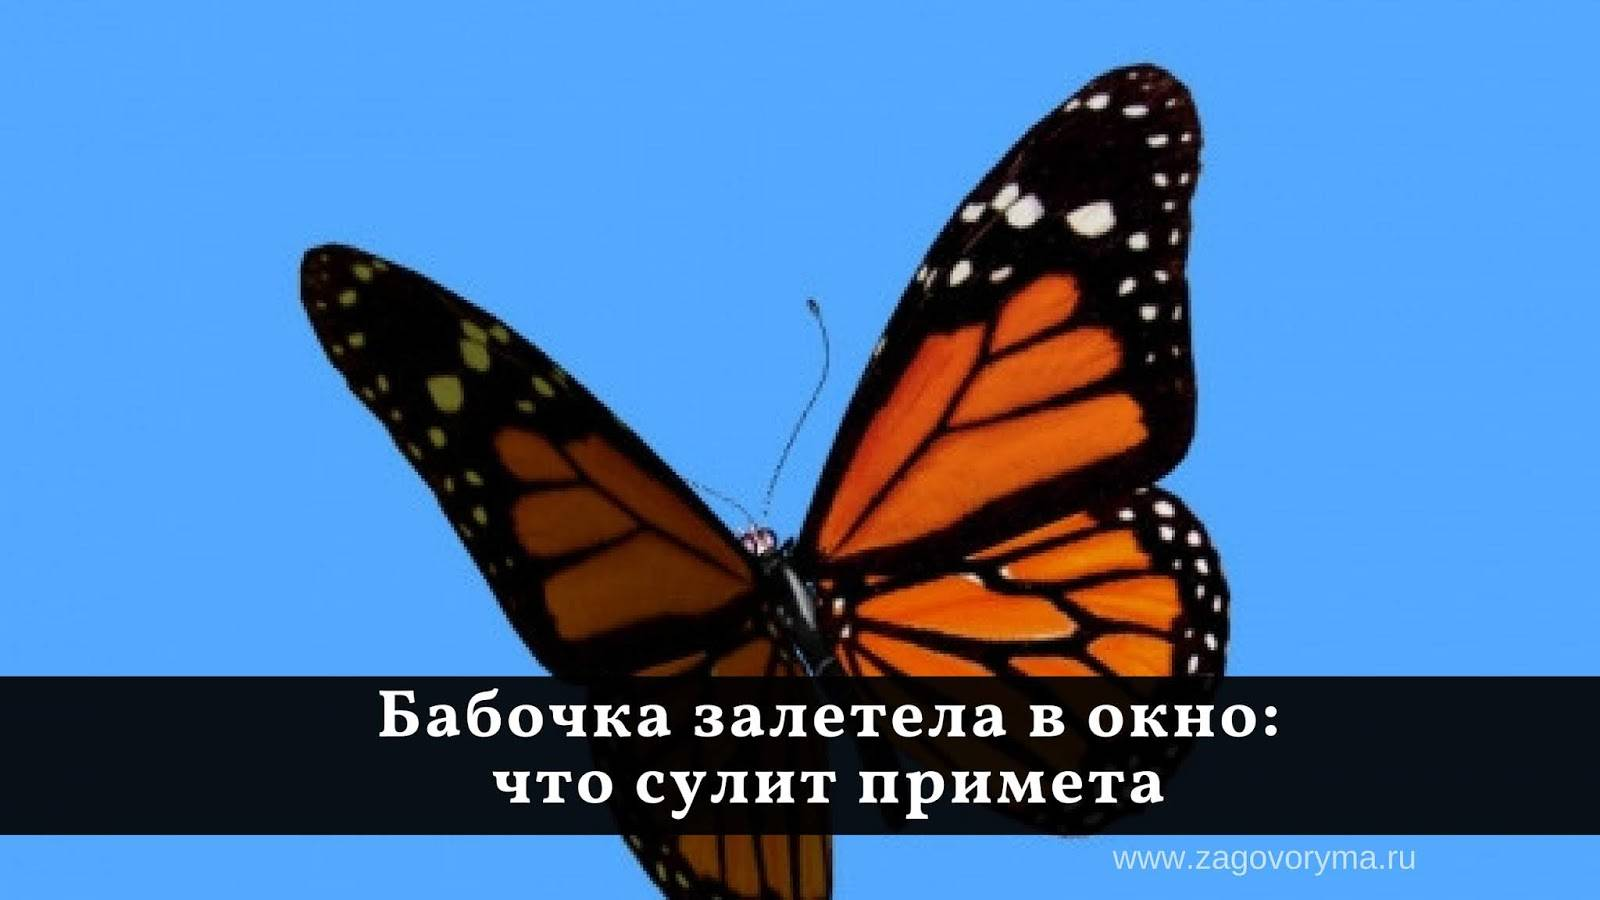 Что значит, если на человека села стрекоза или бабочка: народные приметы что значит, если на человека села стрекоза или бабочка: народные приметы